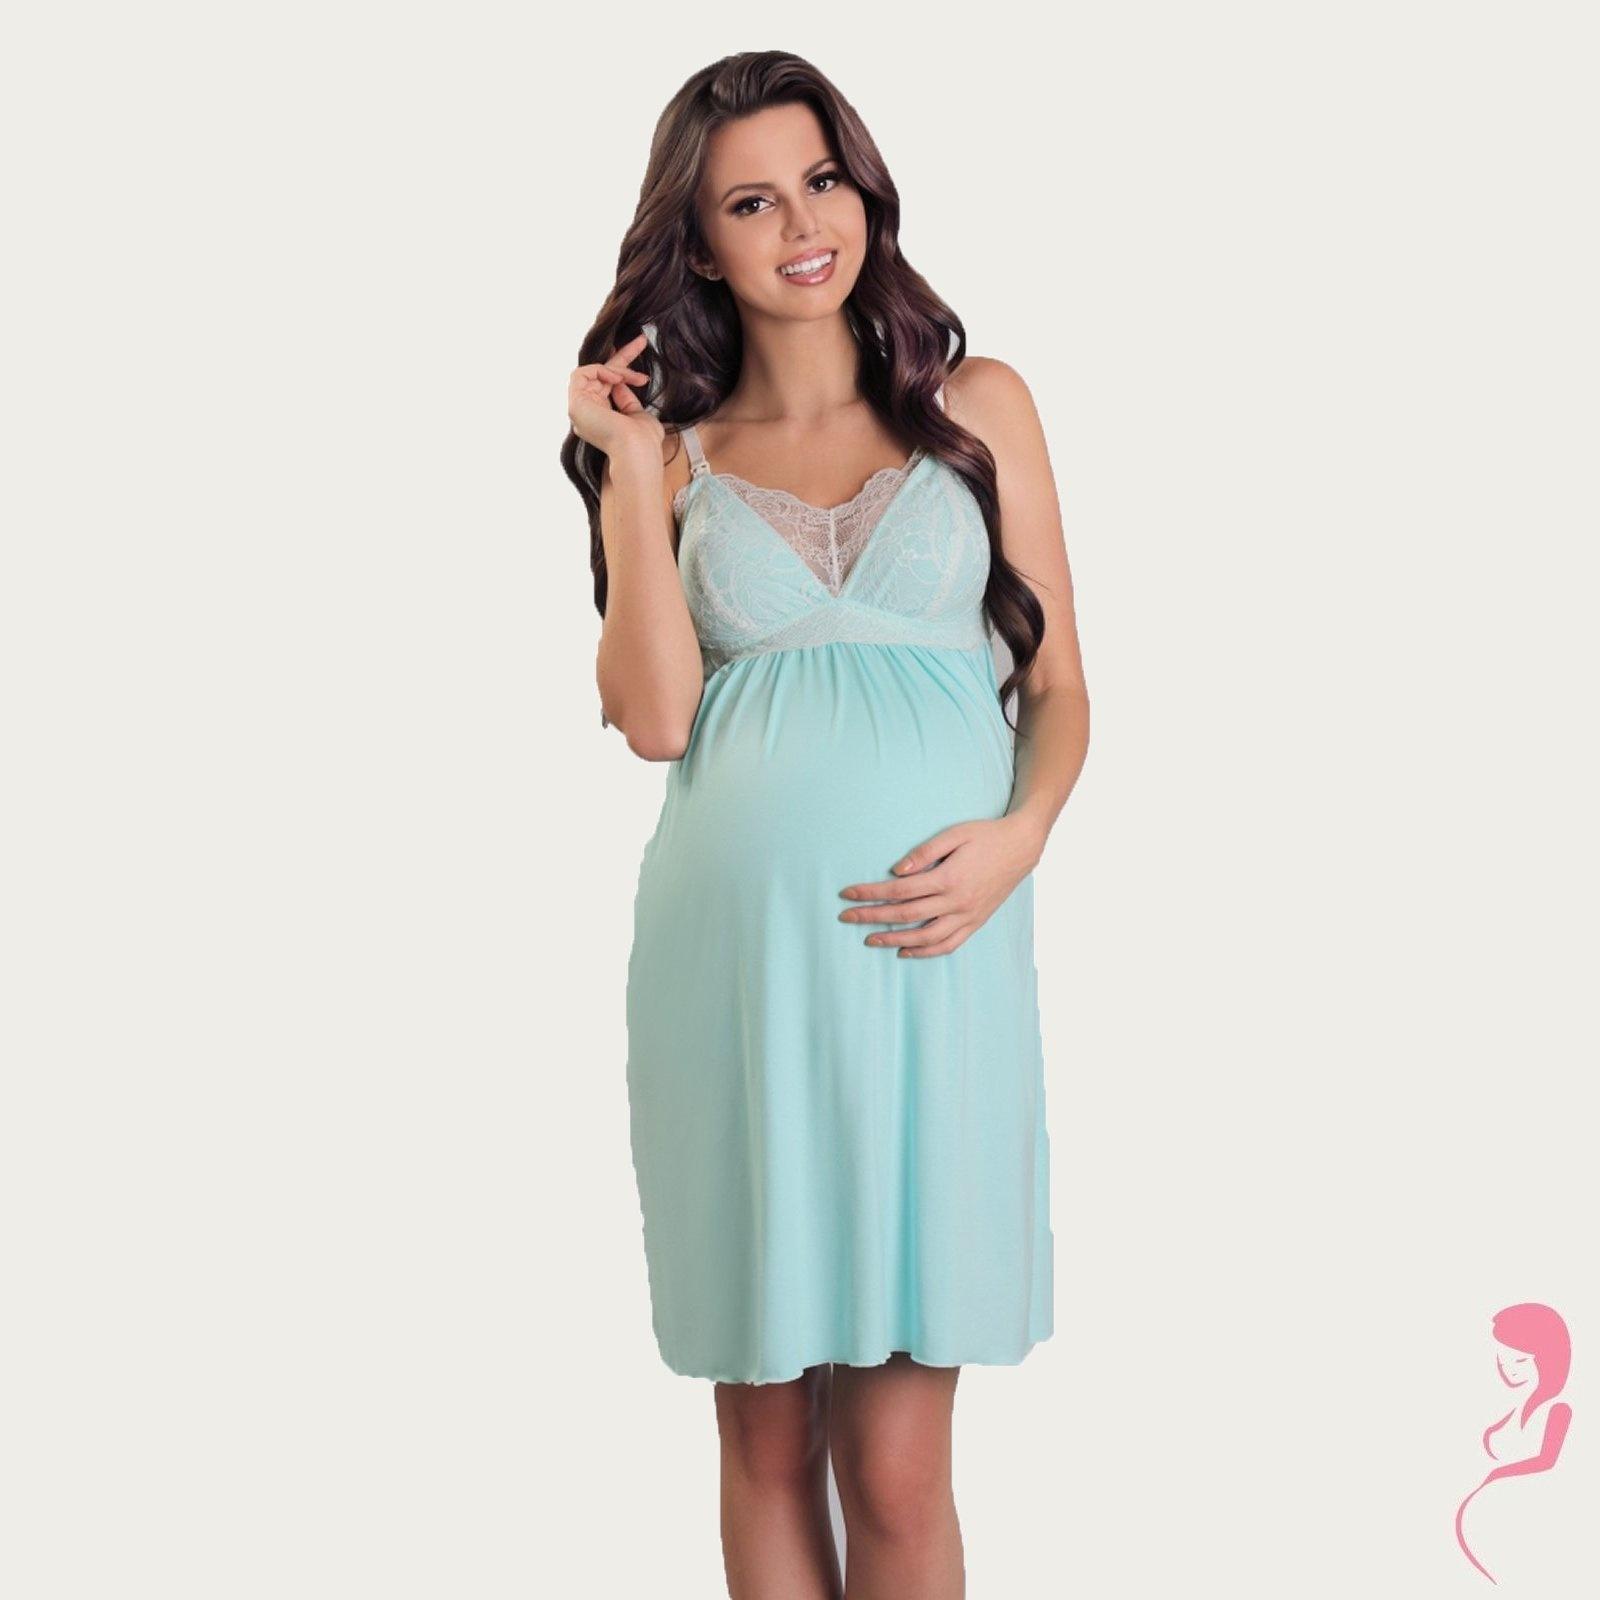 Lupoline Zwangerschapsjurk - Voedingsjurk Ocean Blue